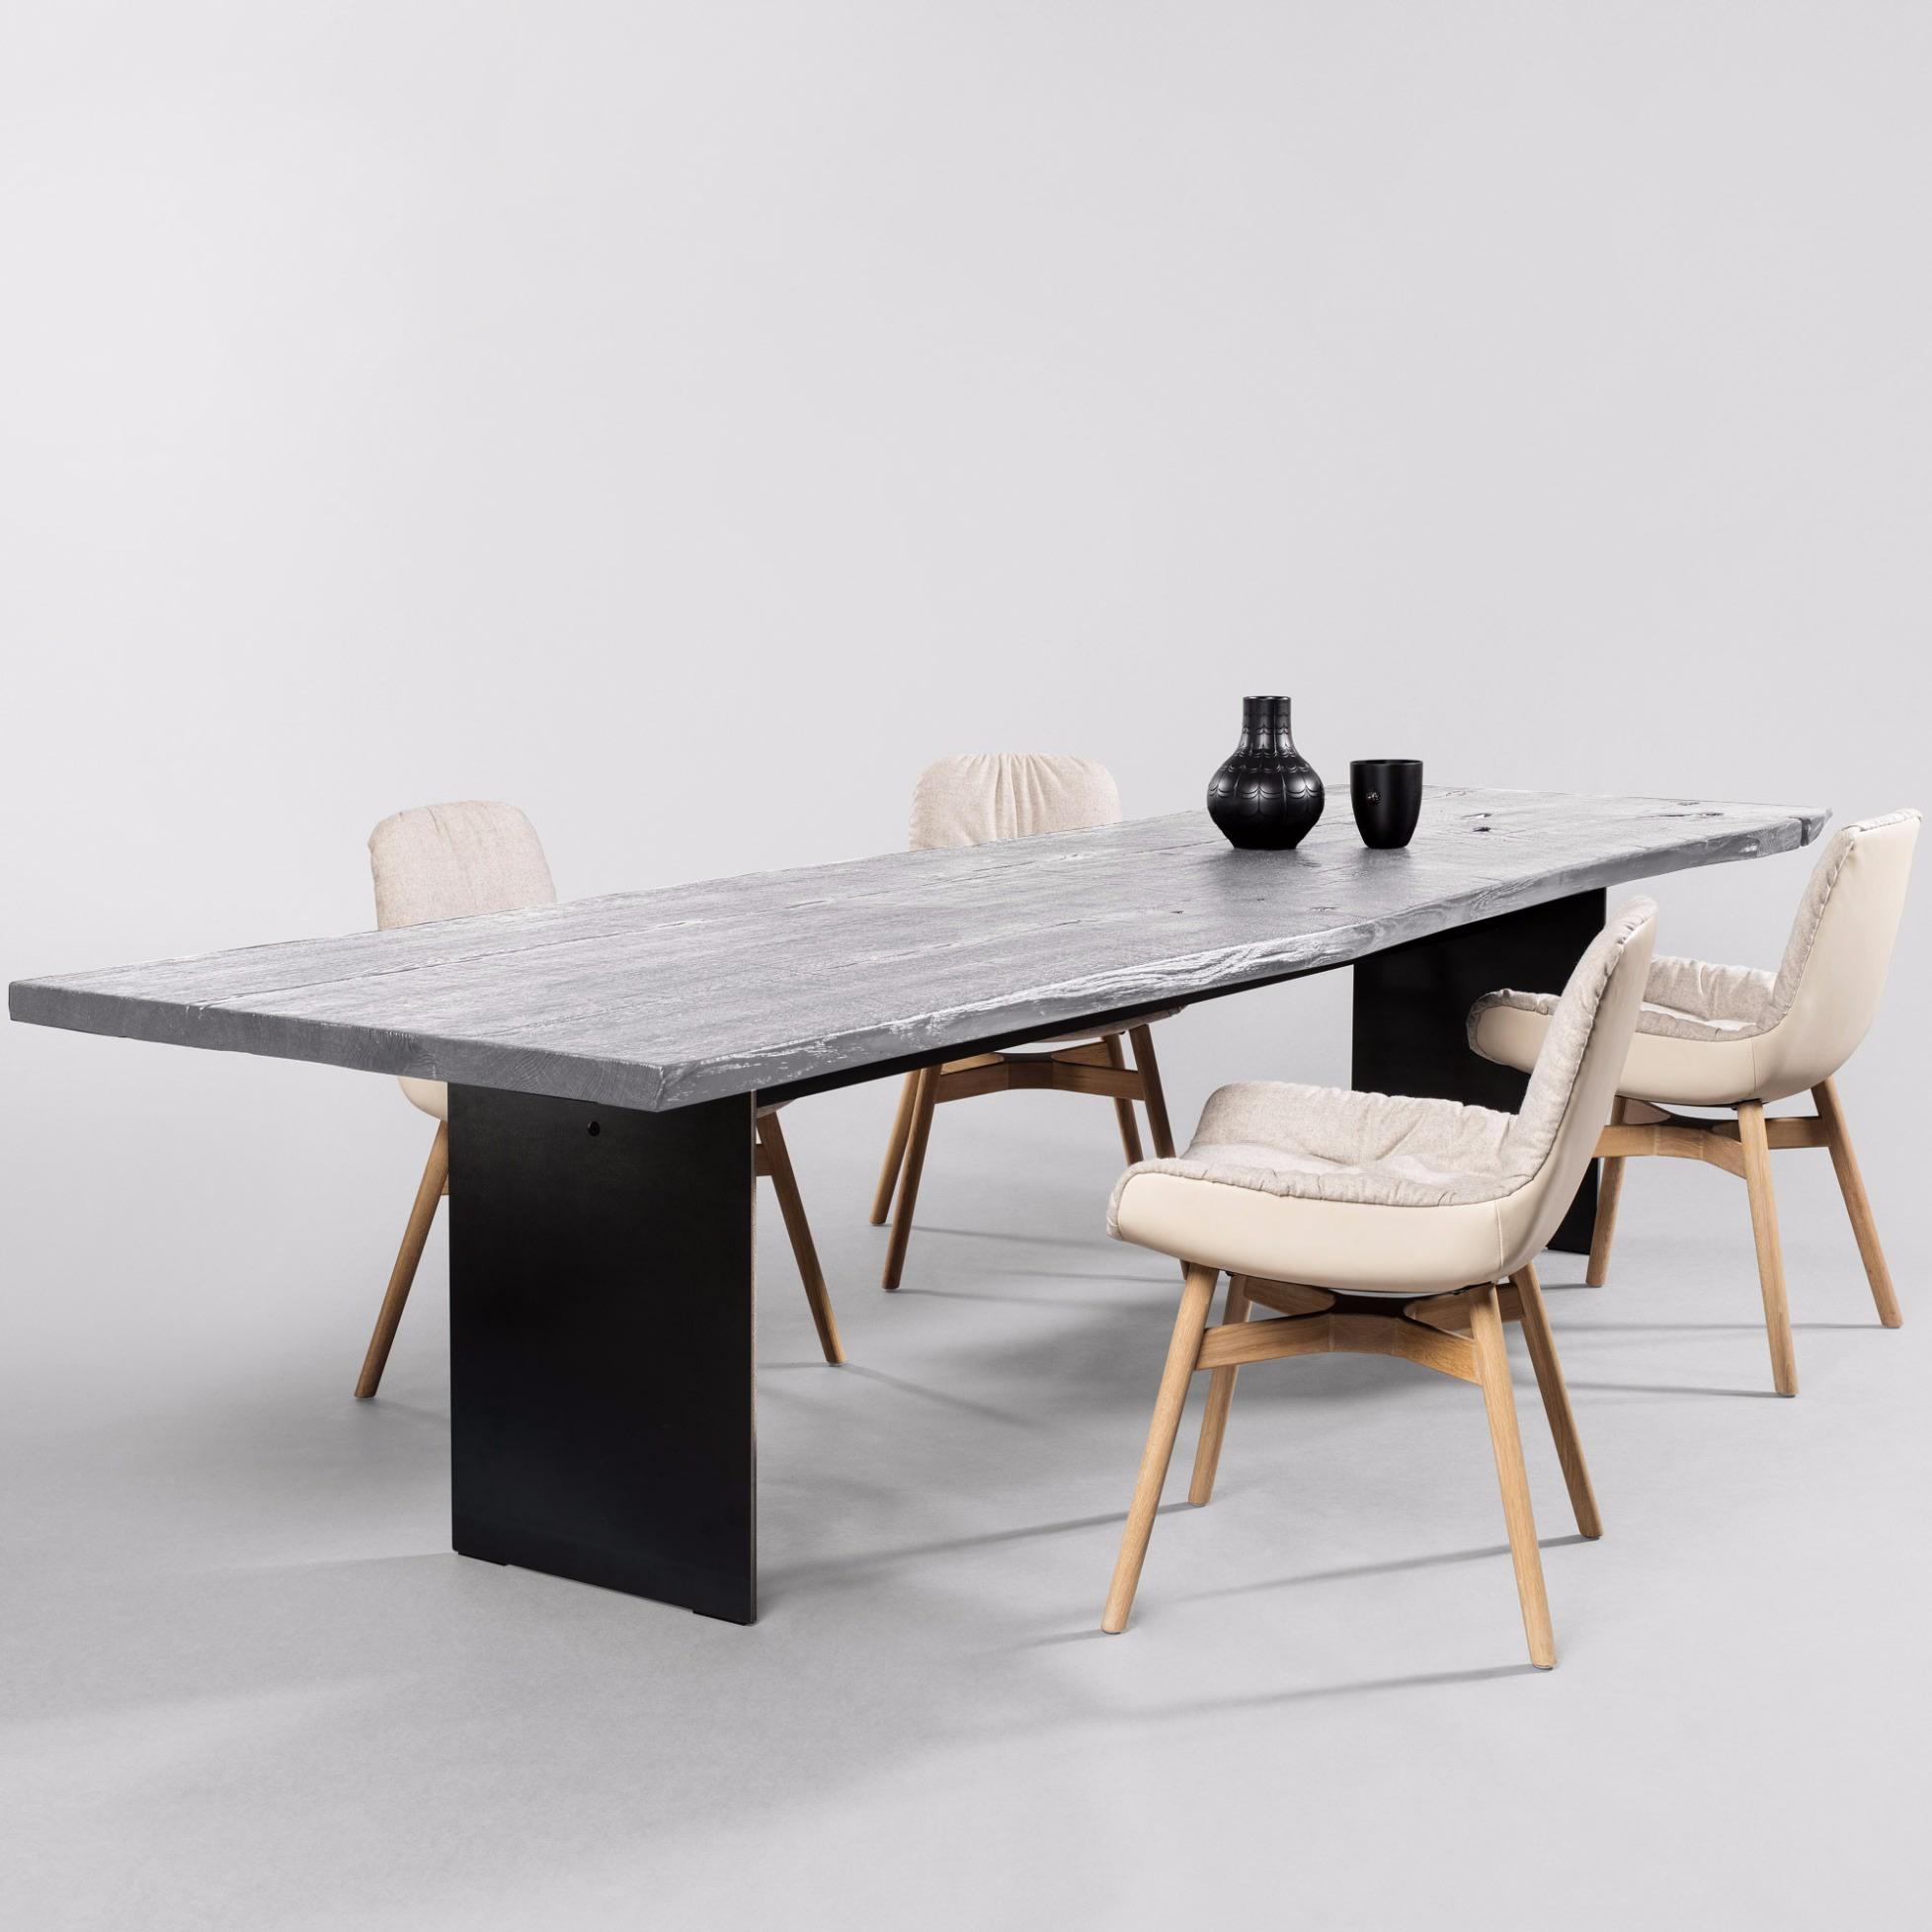 Tisch SK08 Butterfly (geschlossen, hell) von Janua